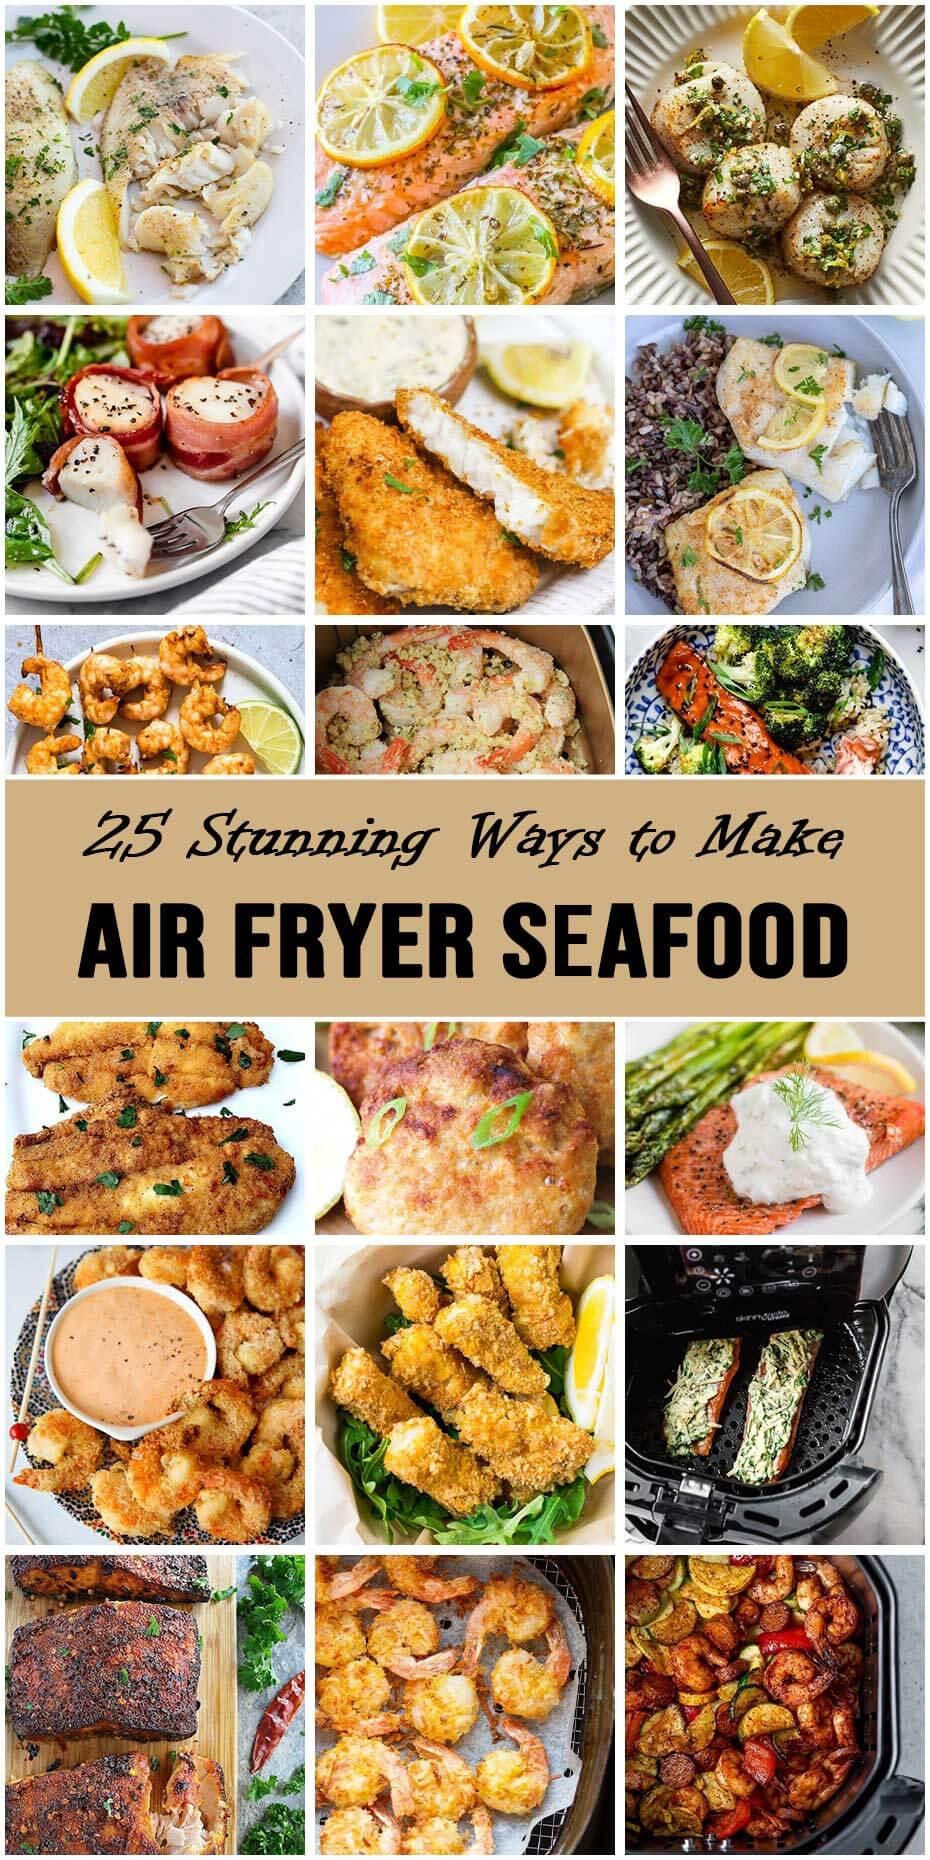 25 Stunning Ways To Make Air Fryer Seafood